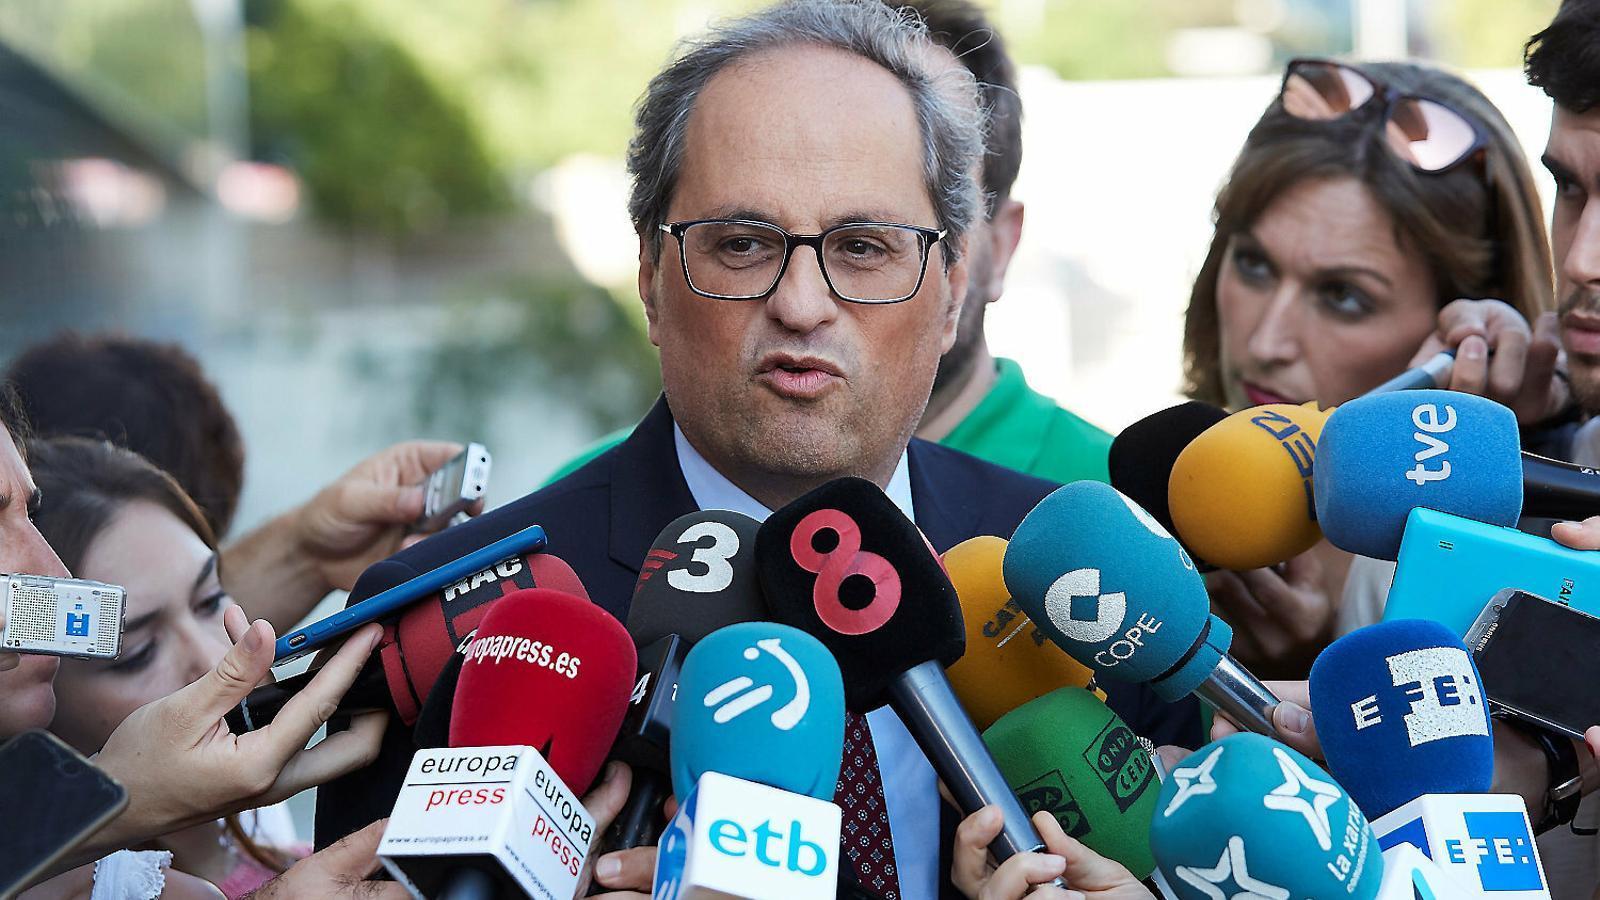 El president de la Generalitat, Quim Torra,  en una imatge recent.